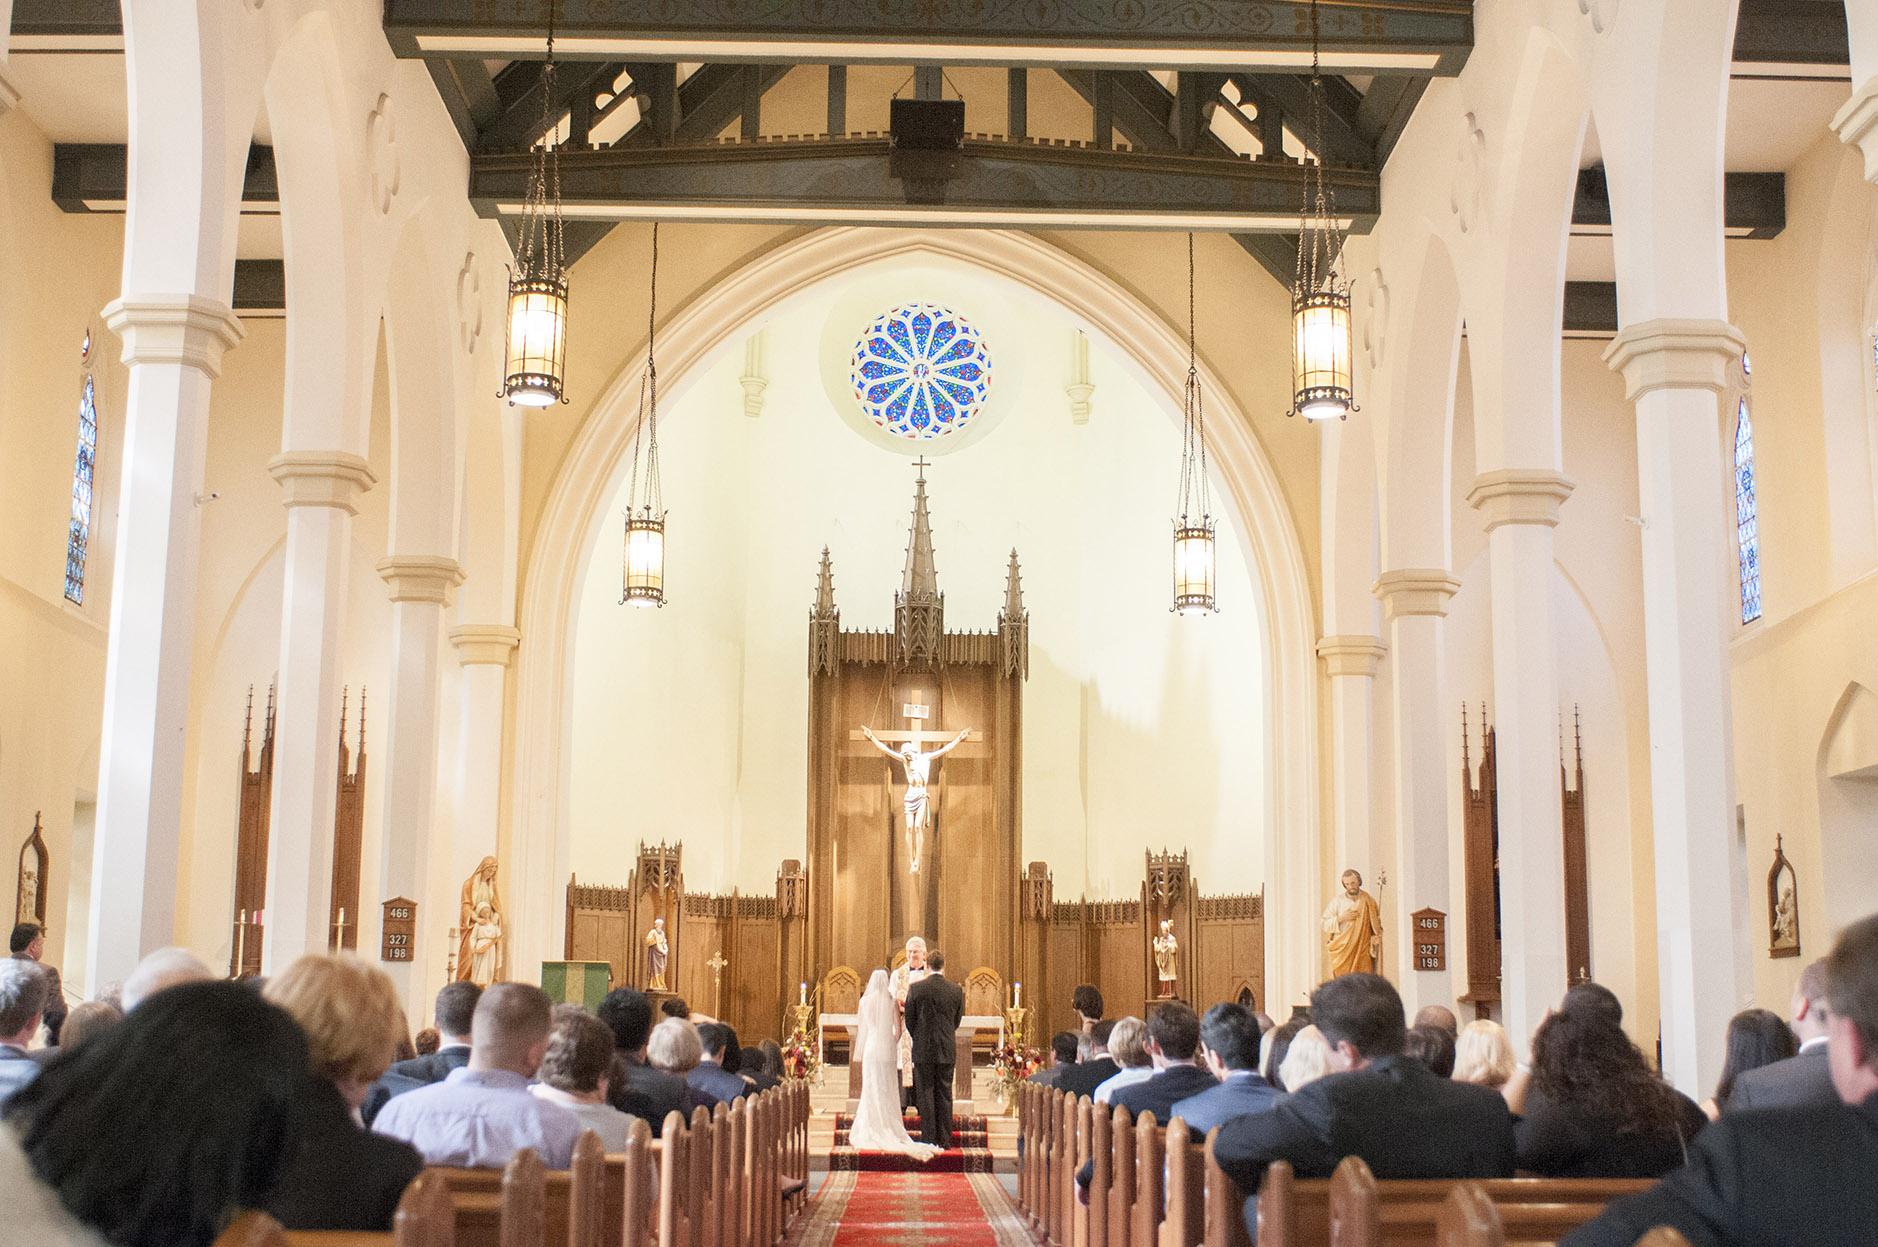 Nemours-Delaware-Art-Museum-Fall-Film-Wedding-Photographer-024.jpg